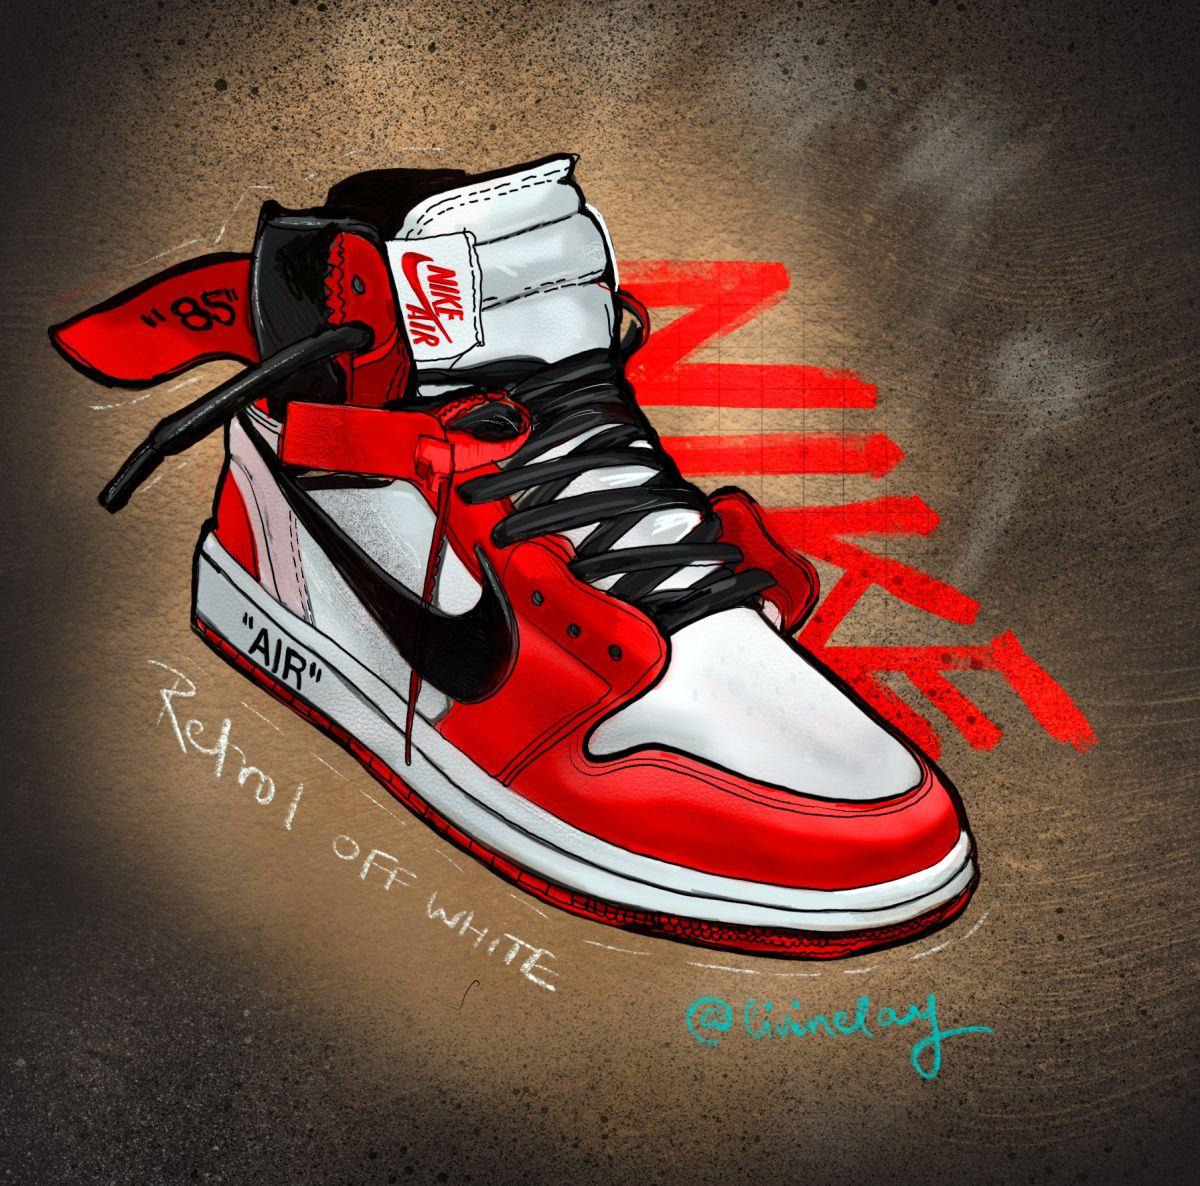 Favorite Sneakers Air Jordans Retro Sneakers Wallpaper Nike Art